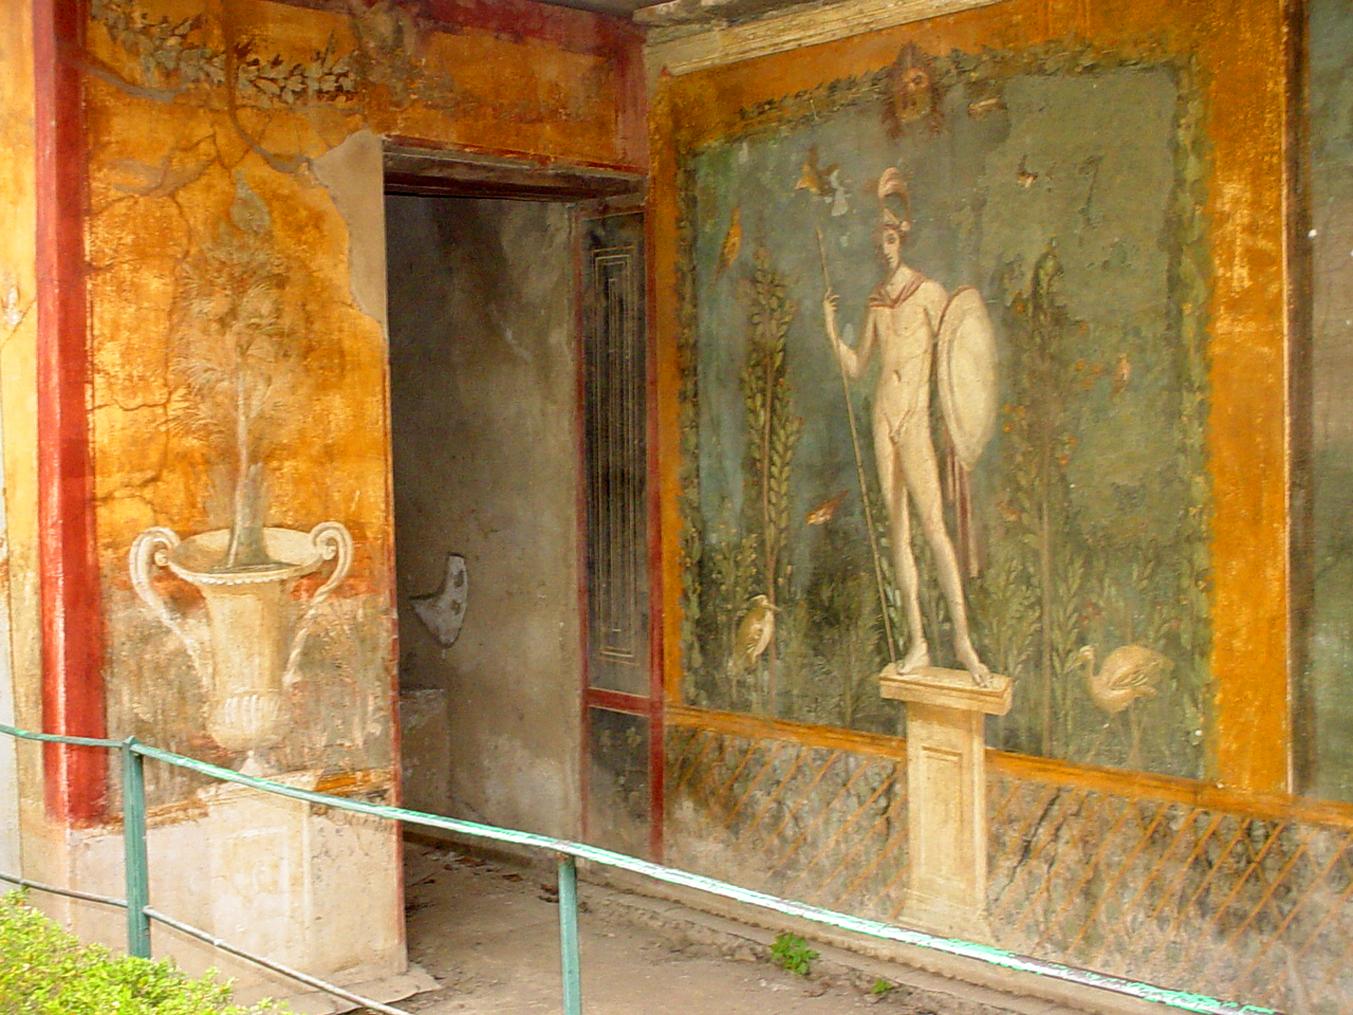 Ancient Artwork In Pompeii Italy That Survived The Mt Vesuvius 79 AD Eruption